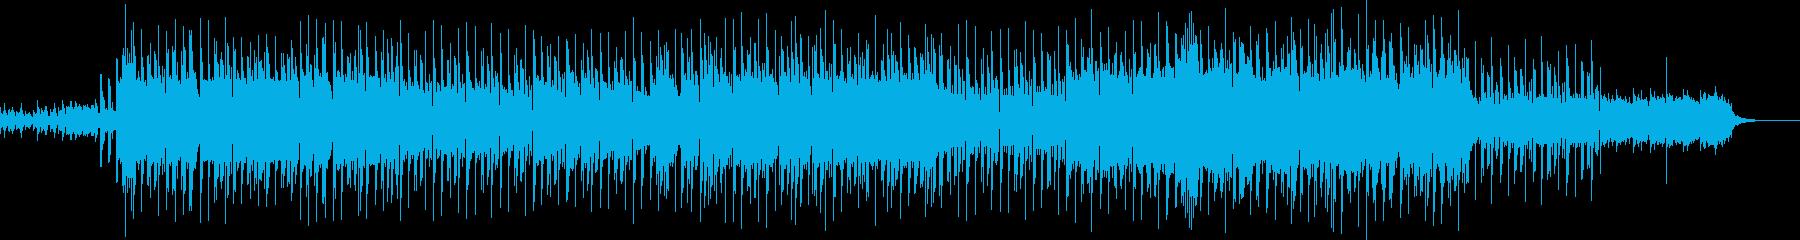 ヒップホップ チル1の再生済みの波形